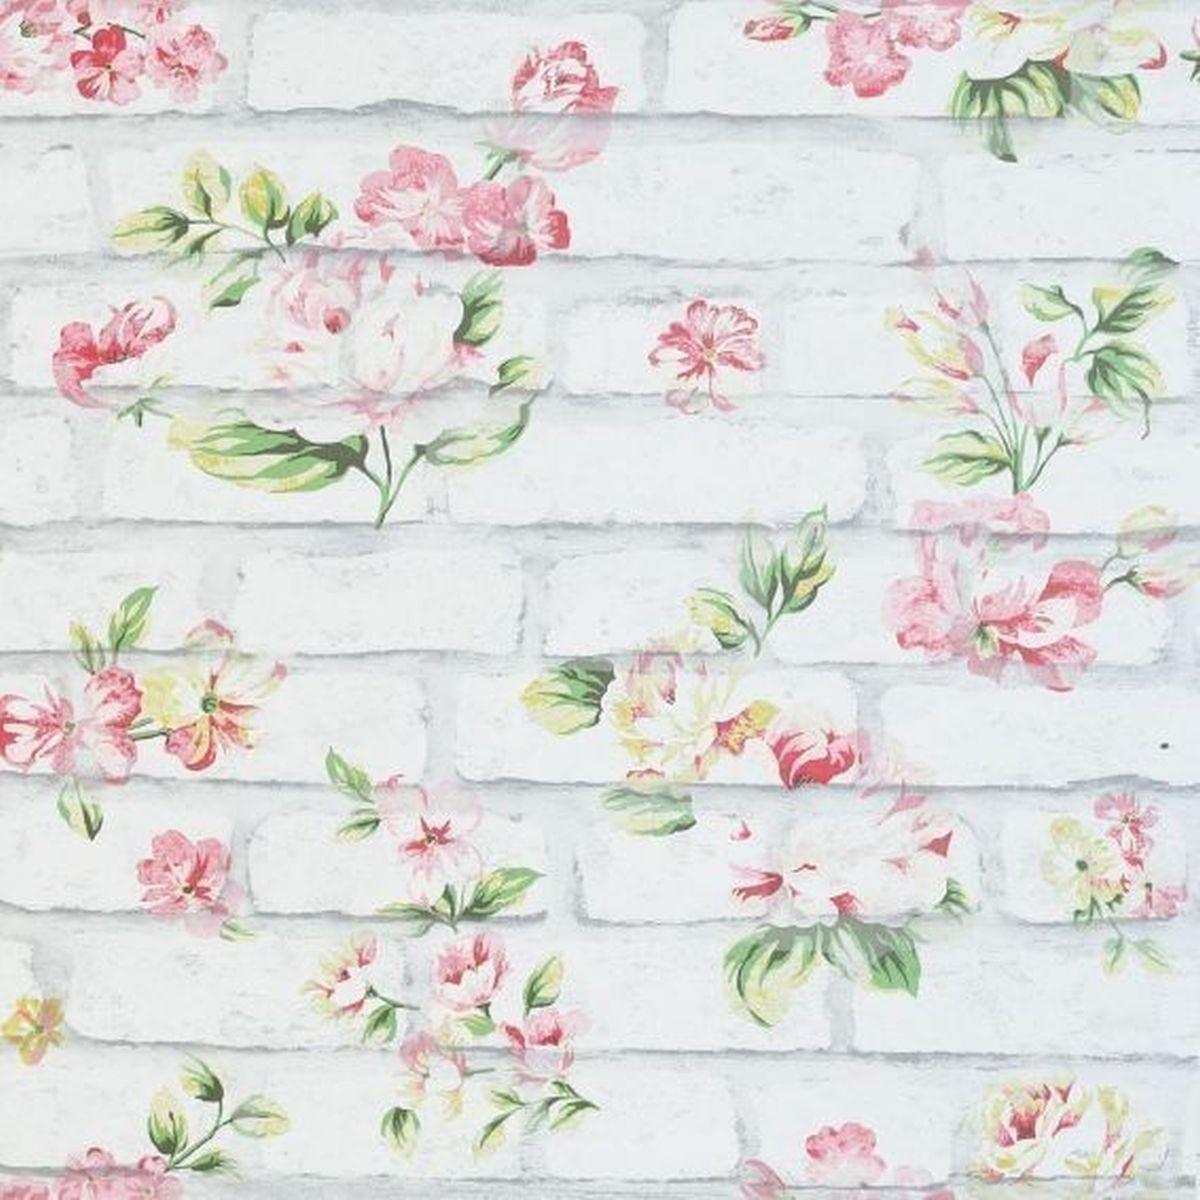 Best of Arthouse Vliestapete Ausgesuchte Designs 907605 Grau Blumentapete